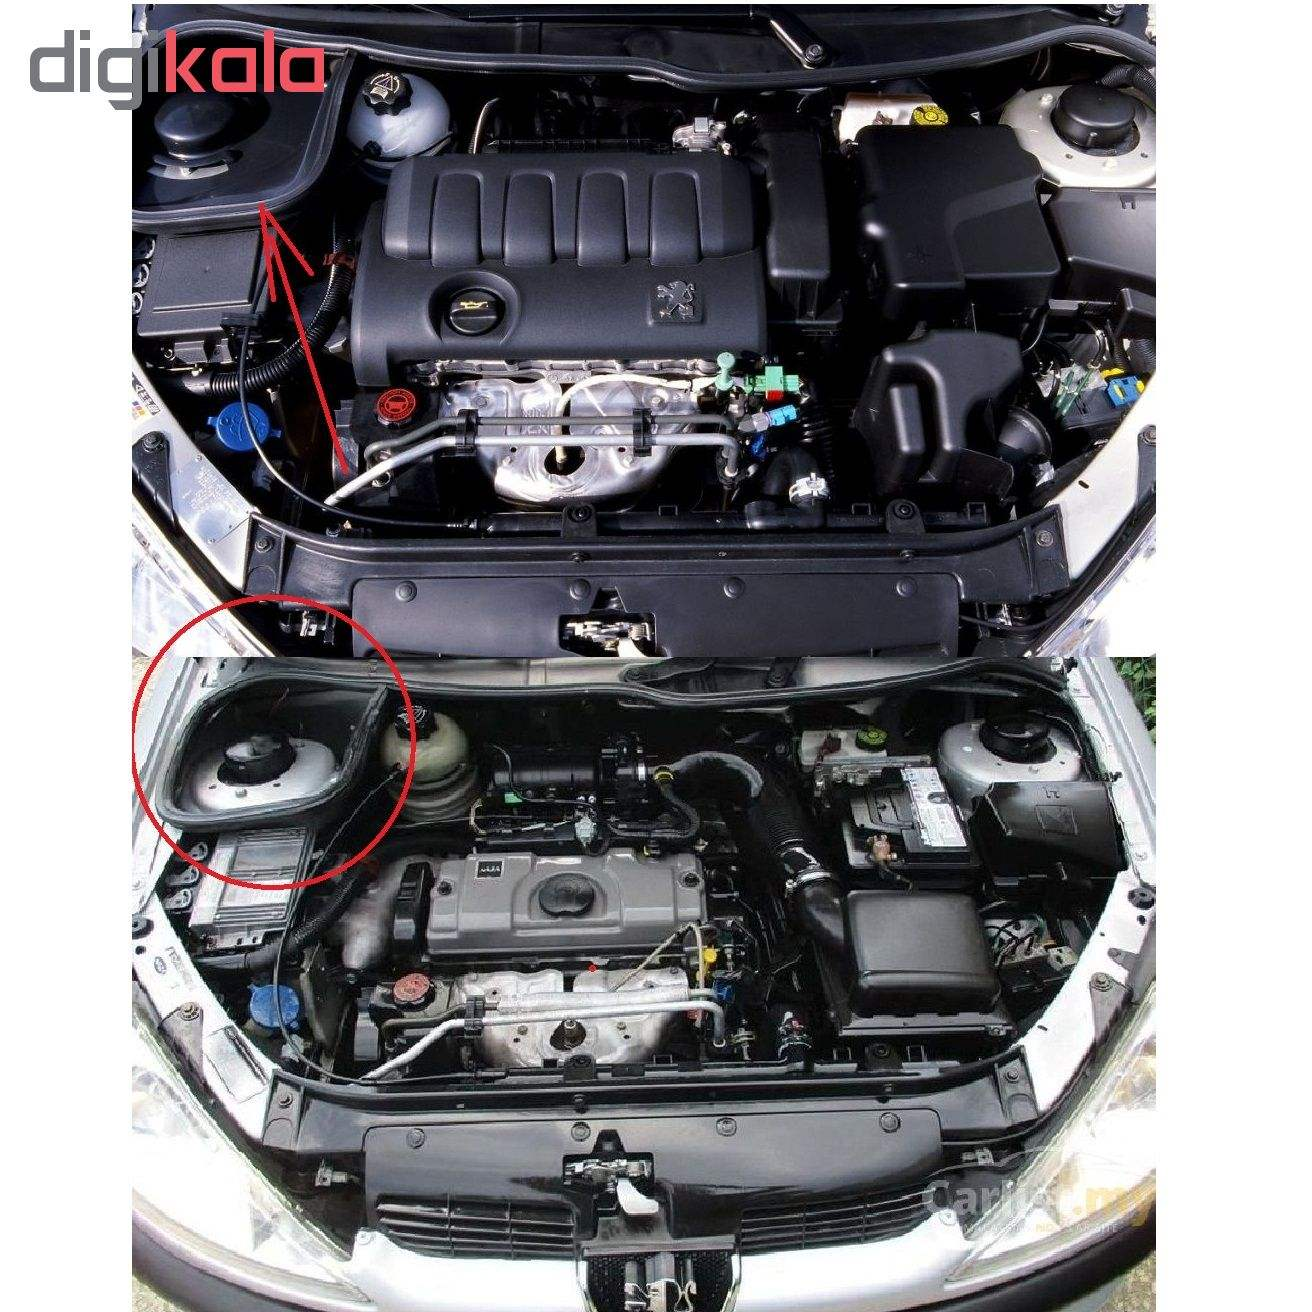 قاب روی کمک خودرو مدل S7 مناسب برای پژو 206 main 1 3